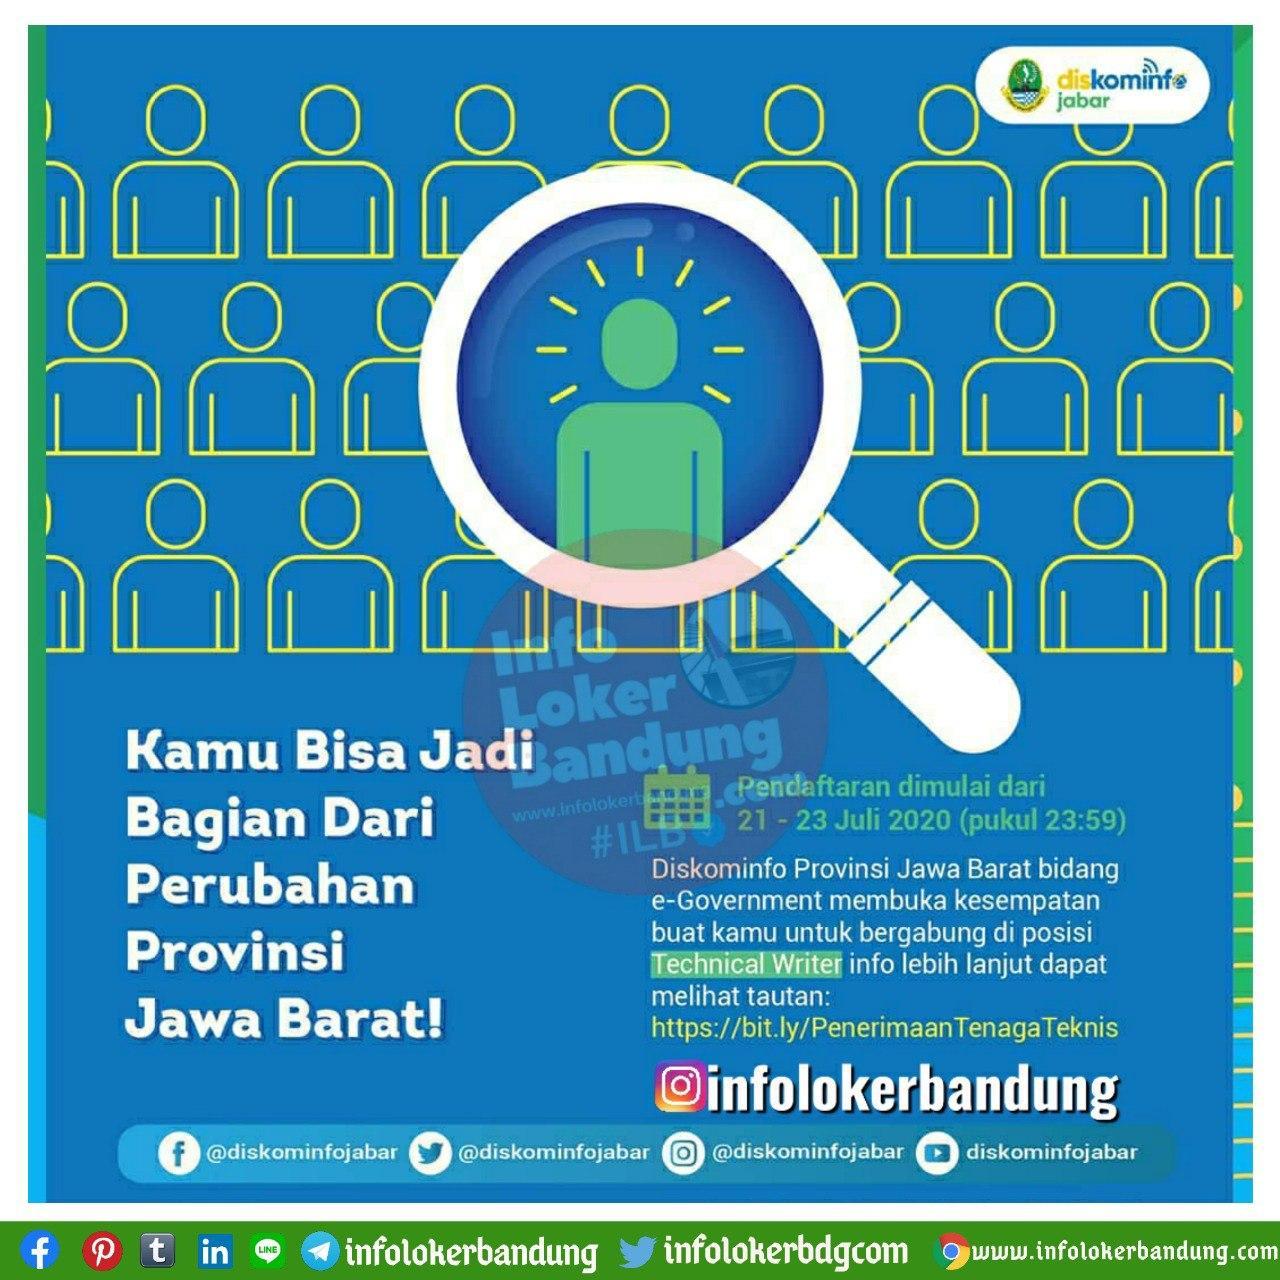 Lowongan Kerja Diskominfo Jawa Barat Juli 2020